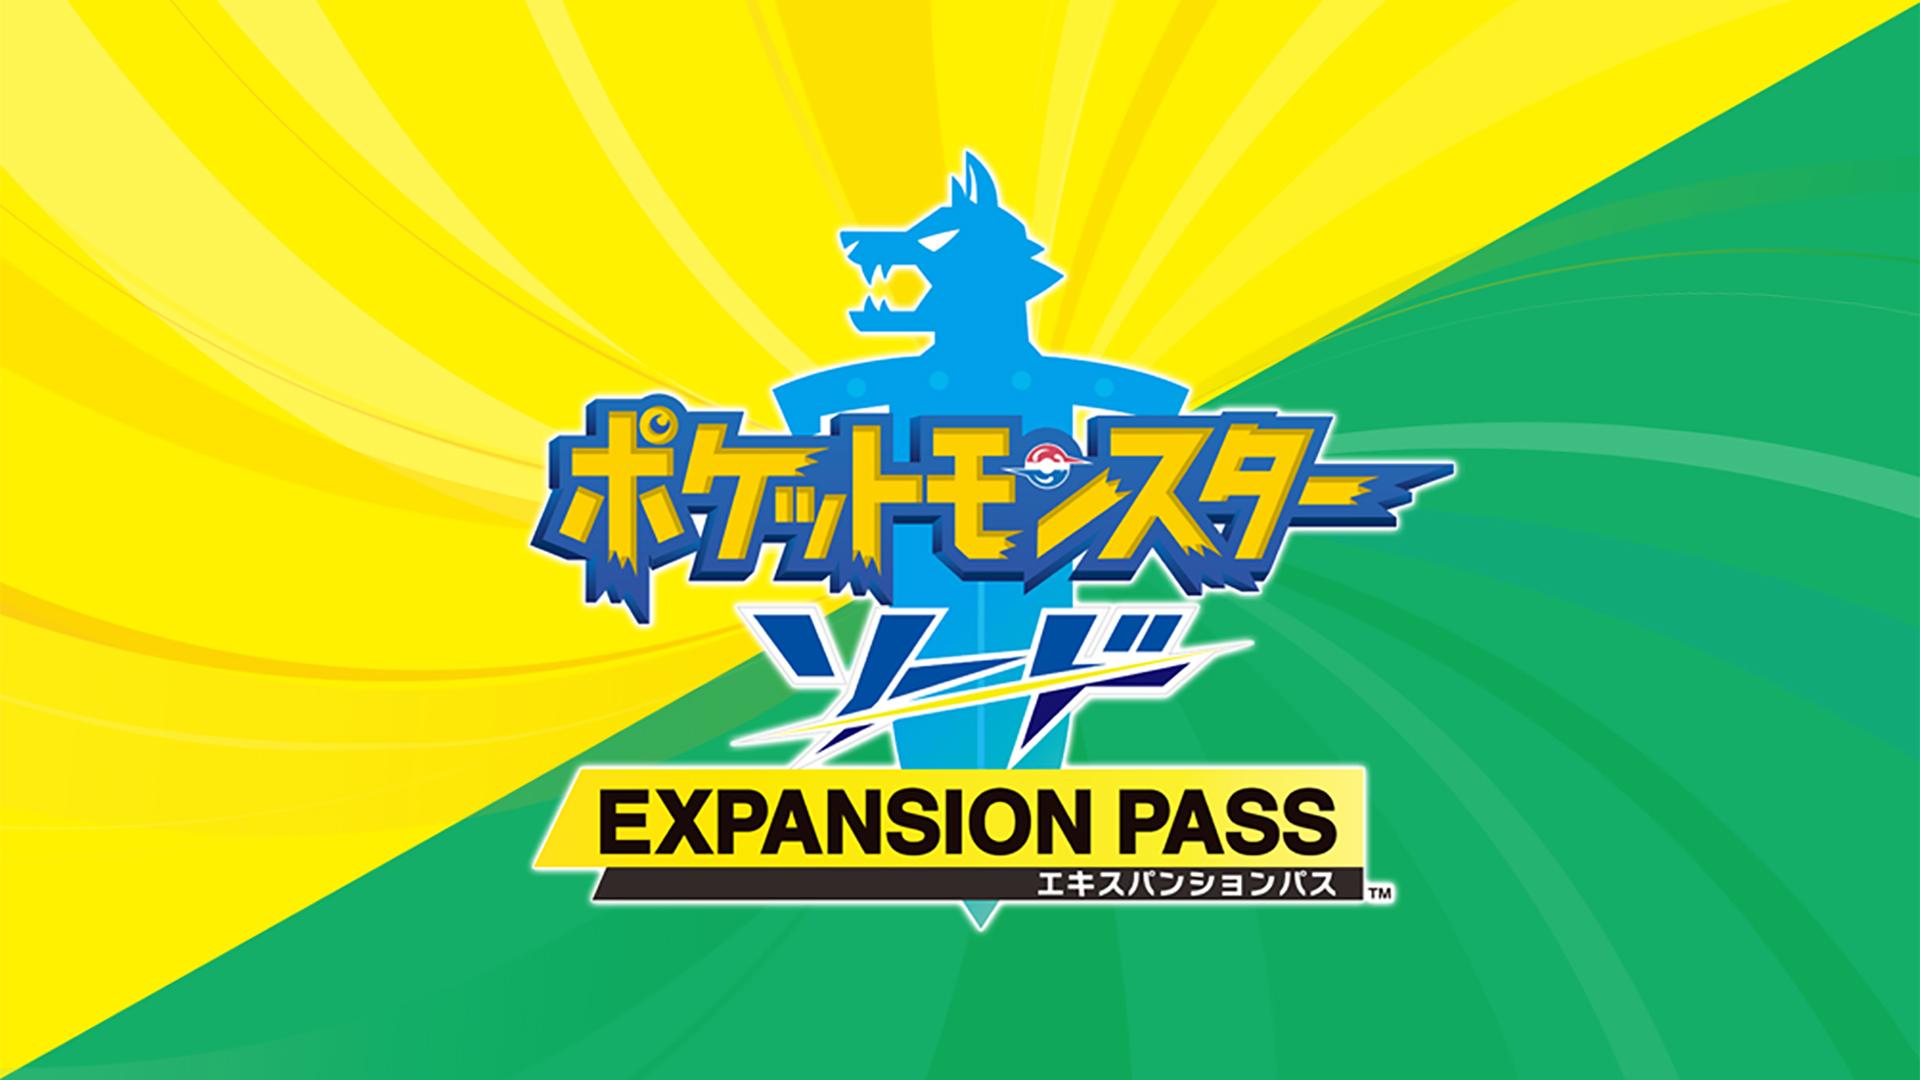 ポケットモンスター ソード エキスパンションパス|ポケットモンスター ソード|Nintendo Switchソフト|任天堂